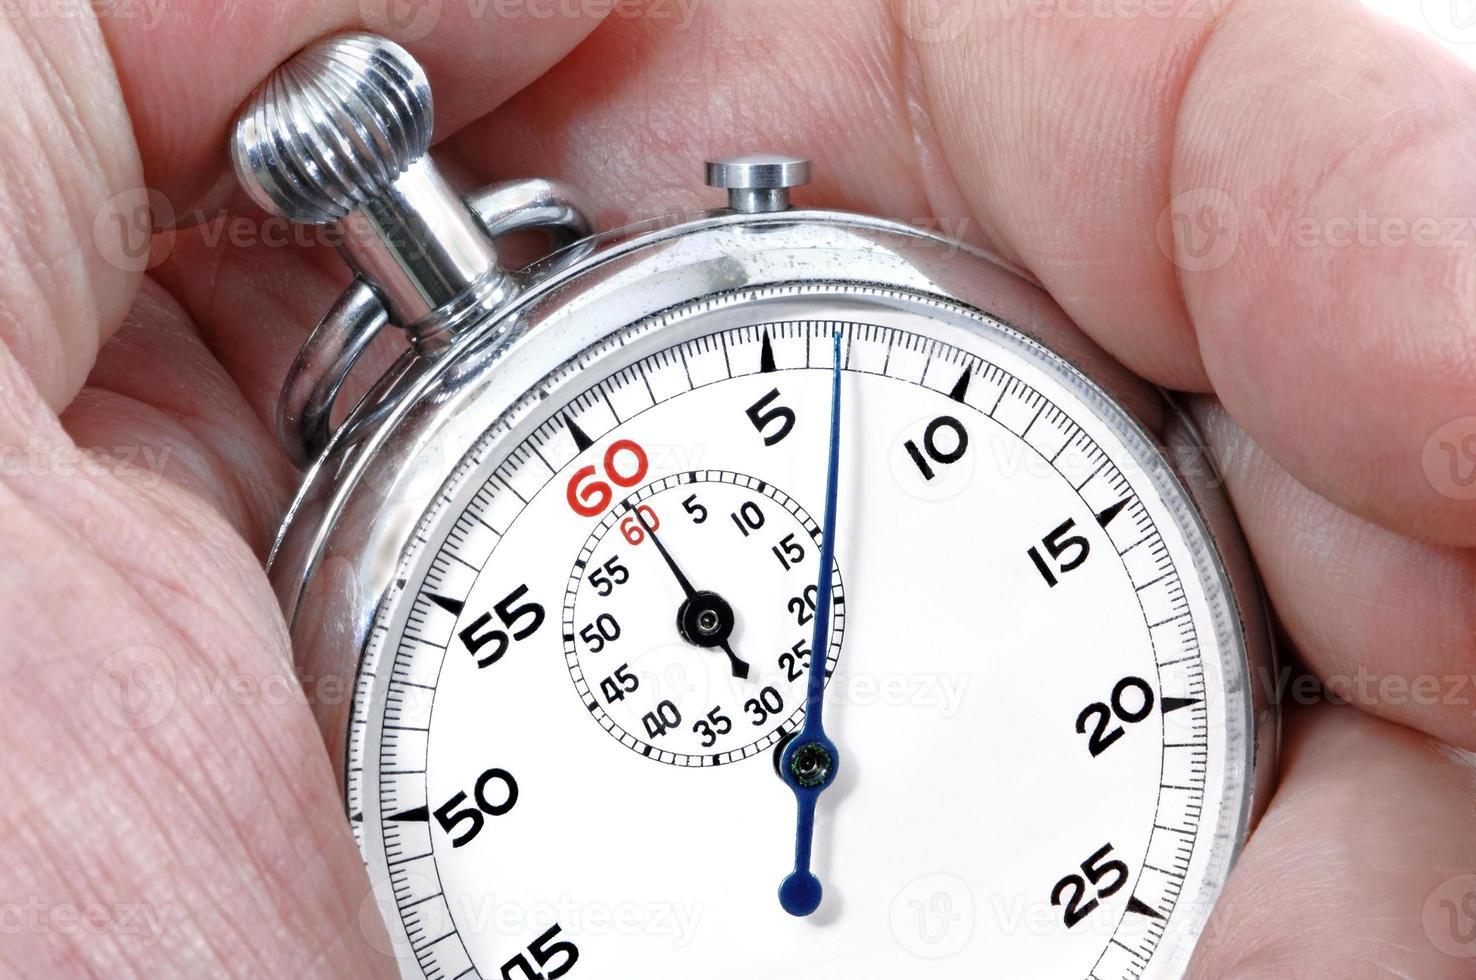 cronometro in una mano foto